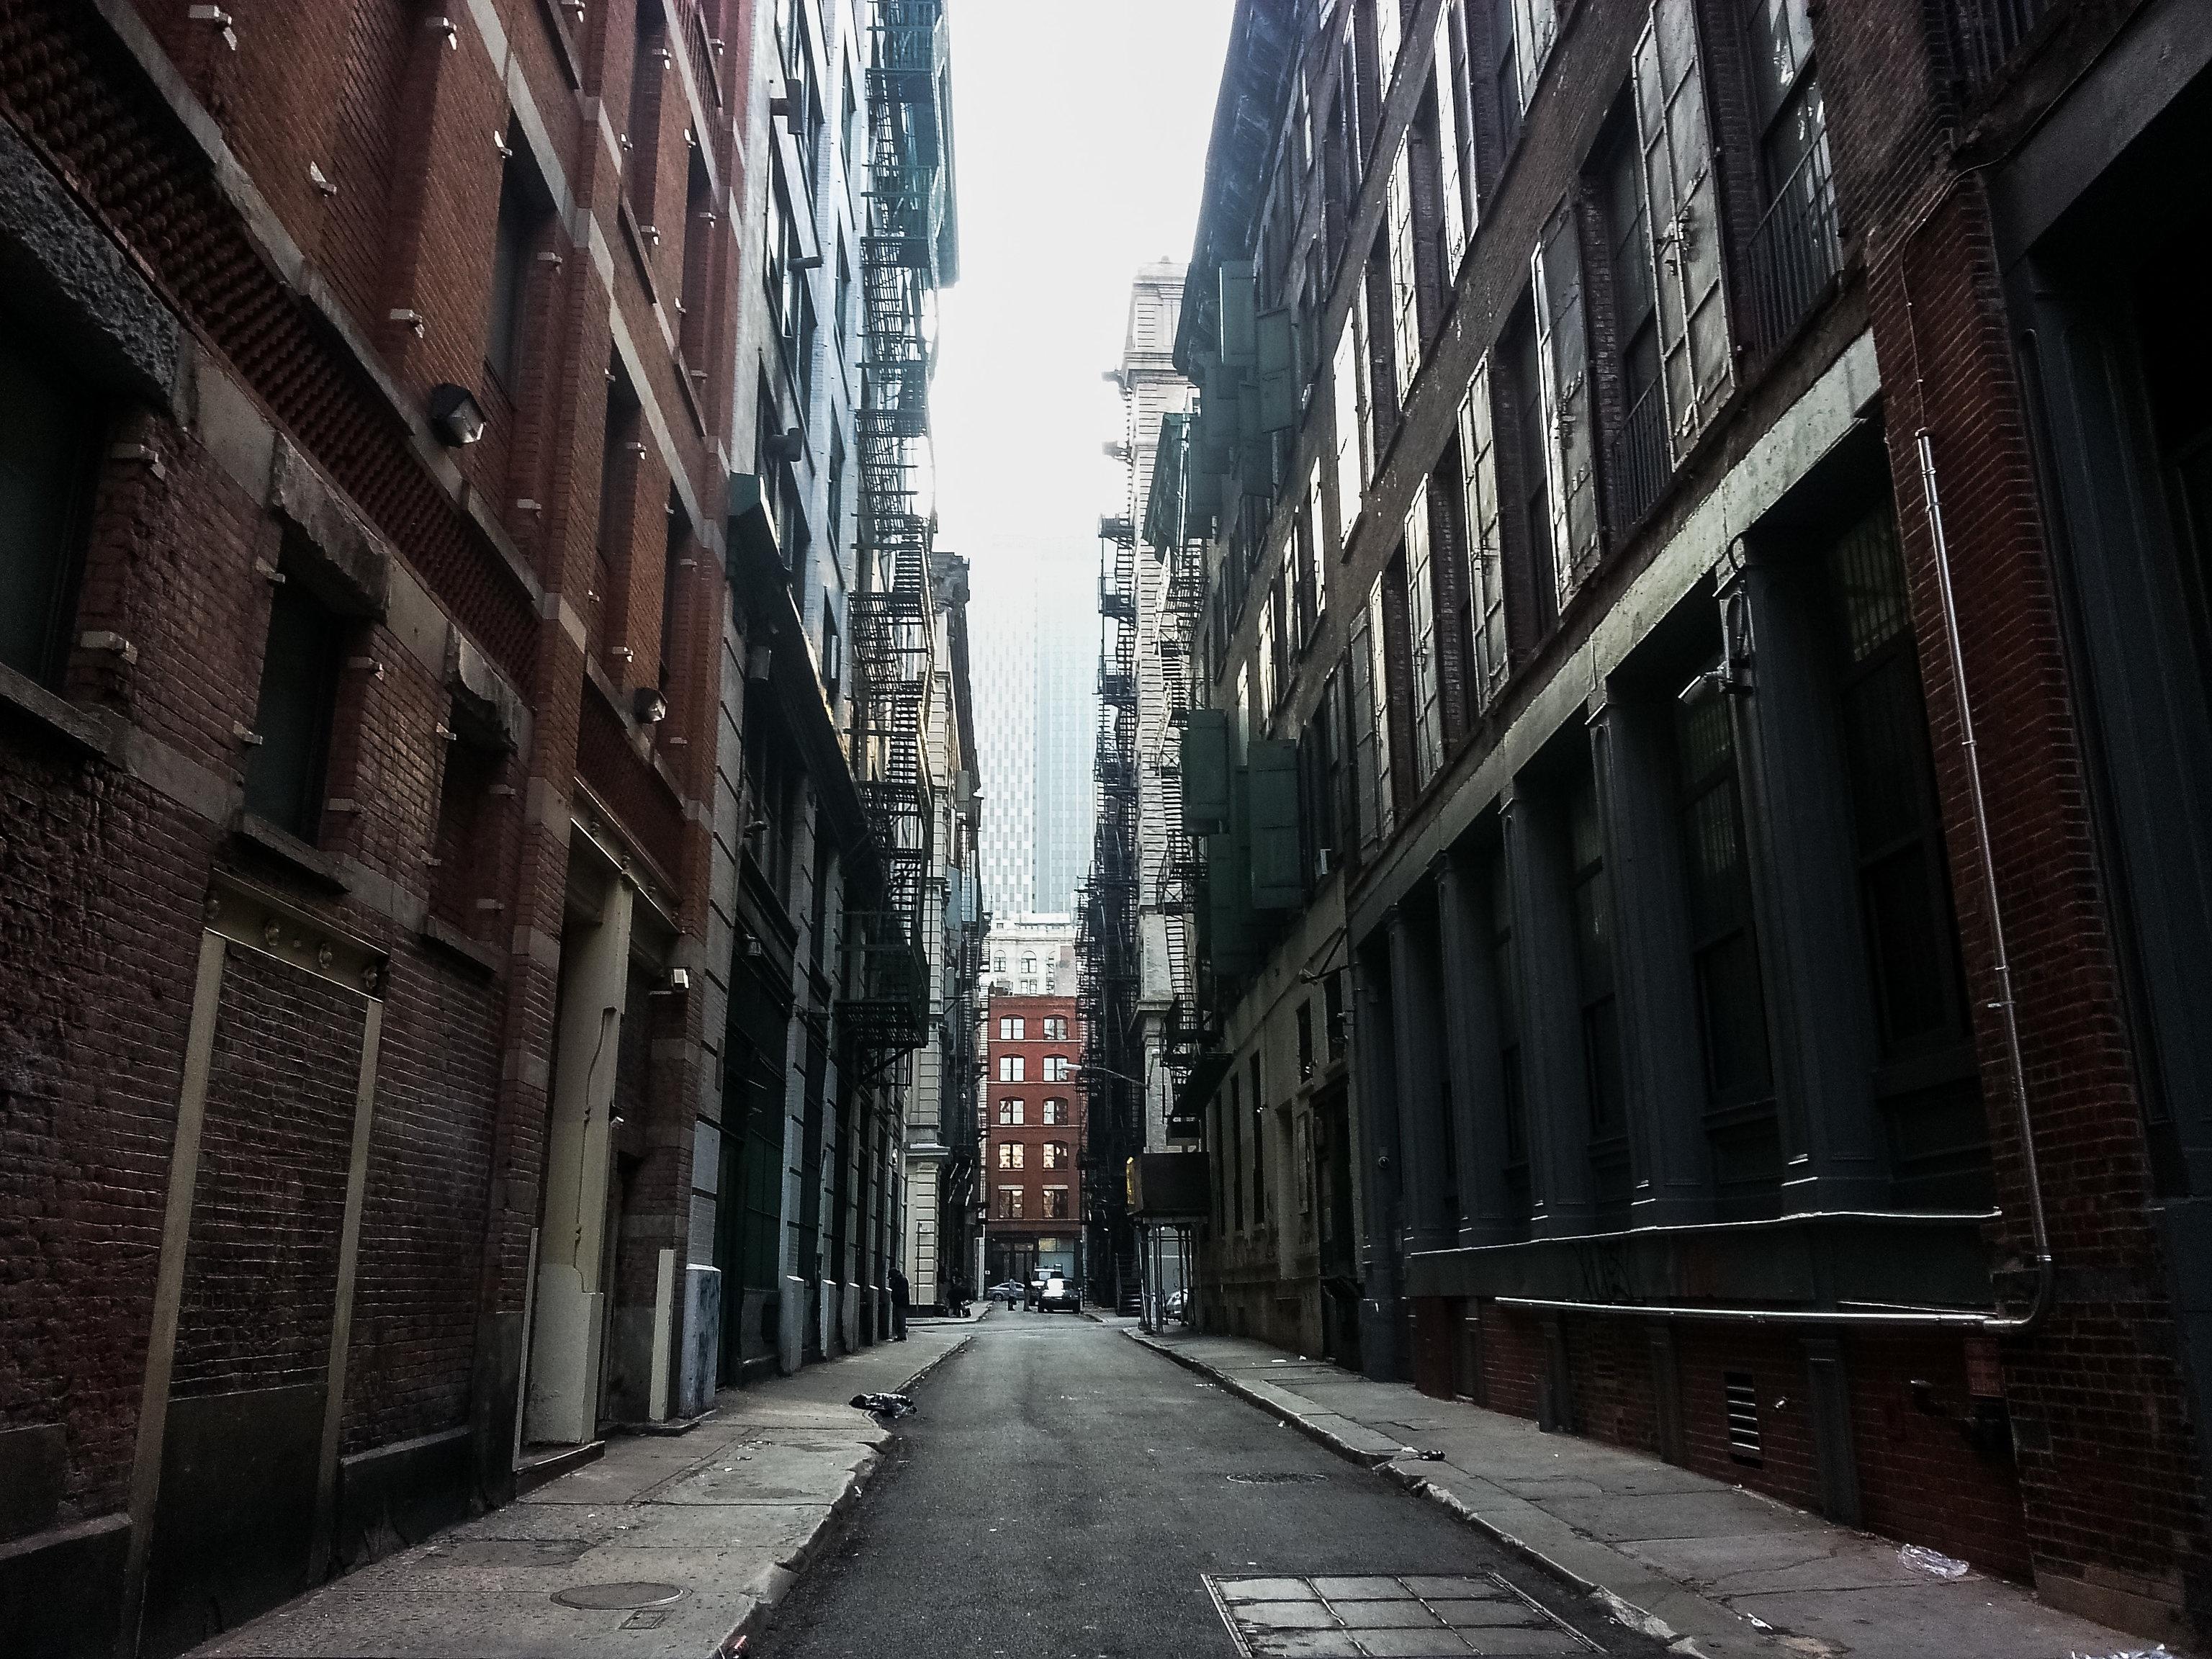 Cortlandt Alley: het enige steegje in New York dat je ooit hebt gezien